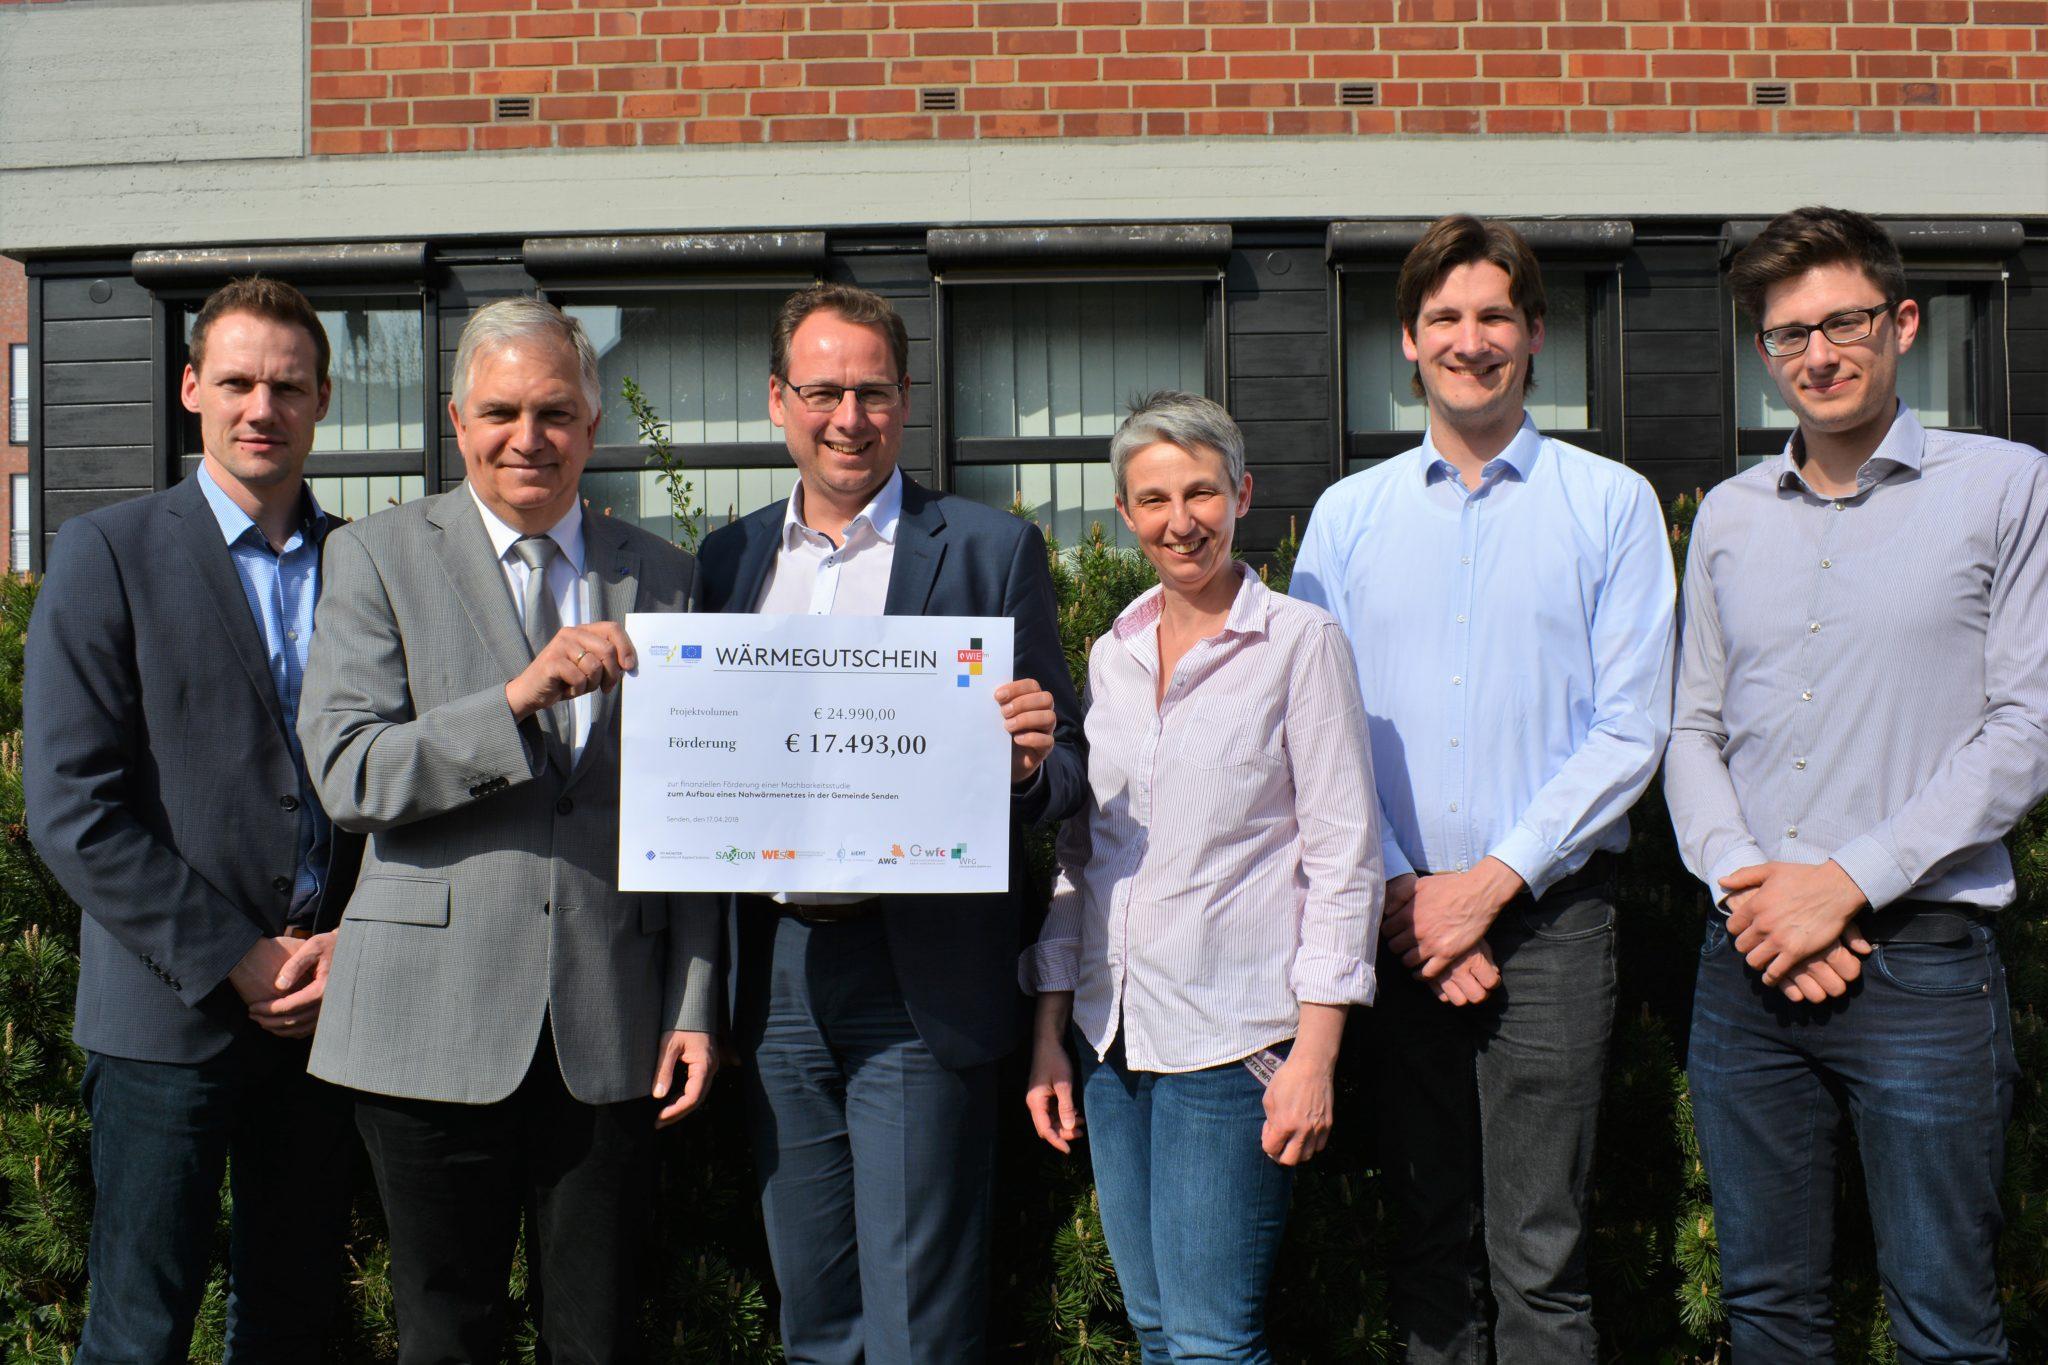 Gemeinde Senden erhält Förderung für Machbarkeitsstudie zur nachhaltigen Wärmeversorgung von vier Schulen